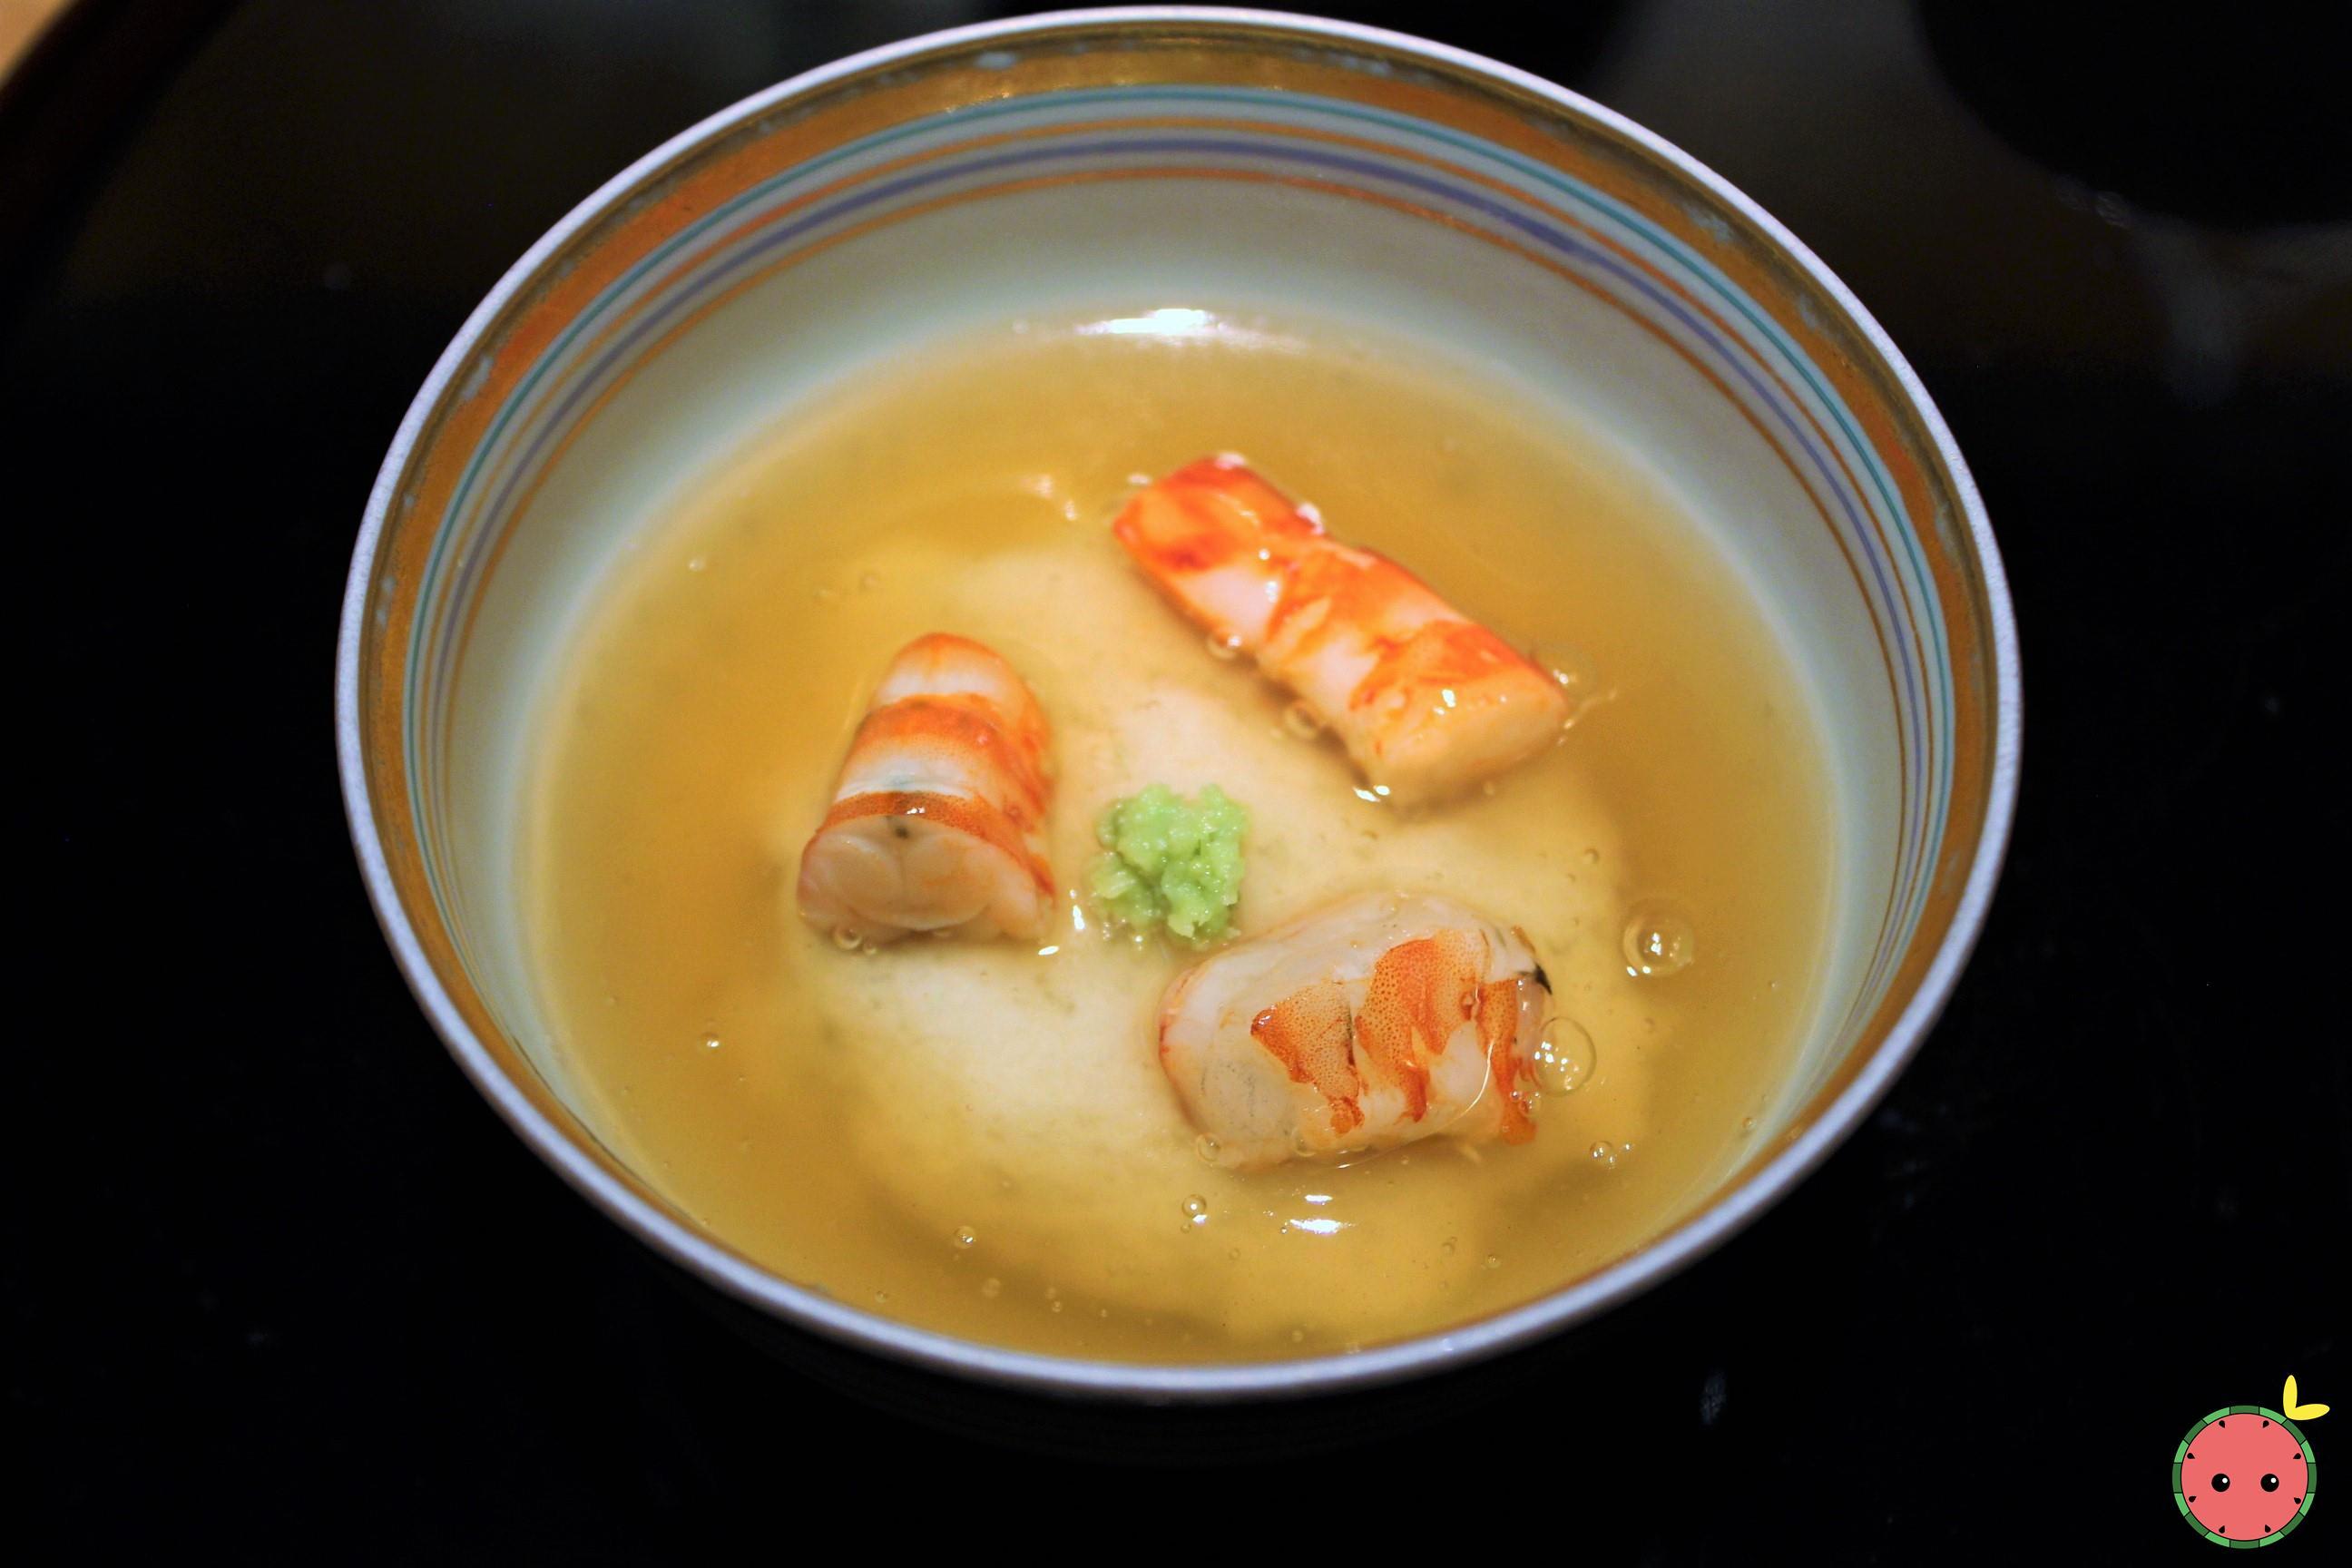 Shrimp, Turnip, Wasabi, and Gingko in Warm Dashi Jelly 2